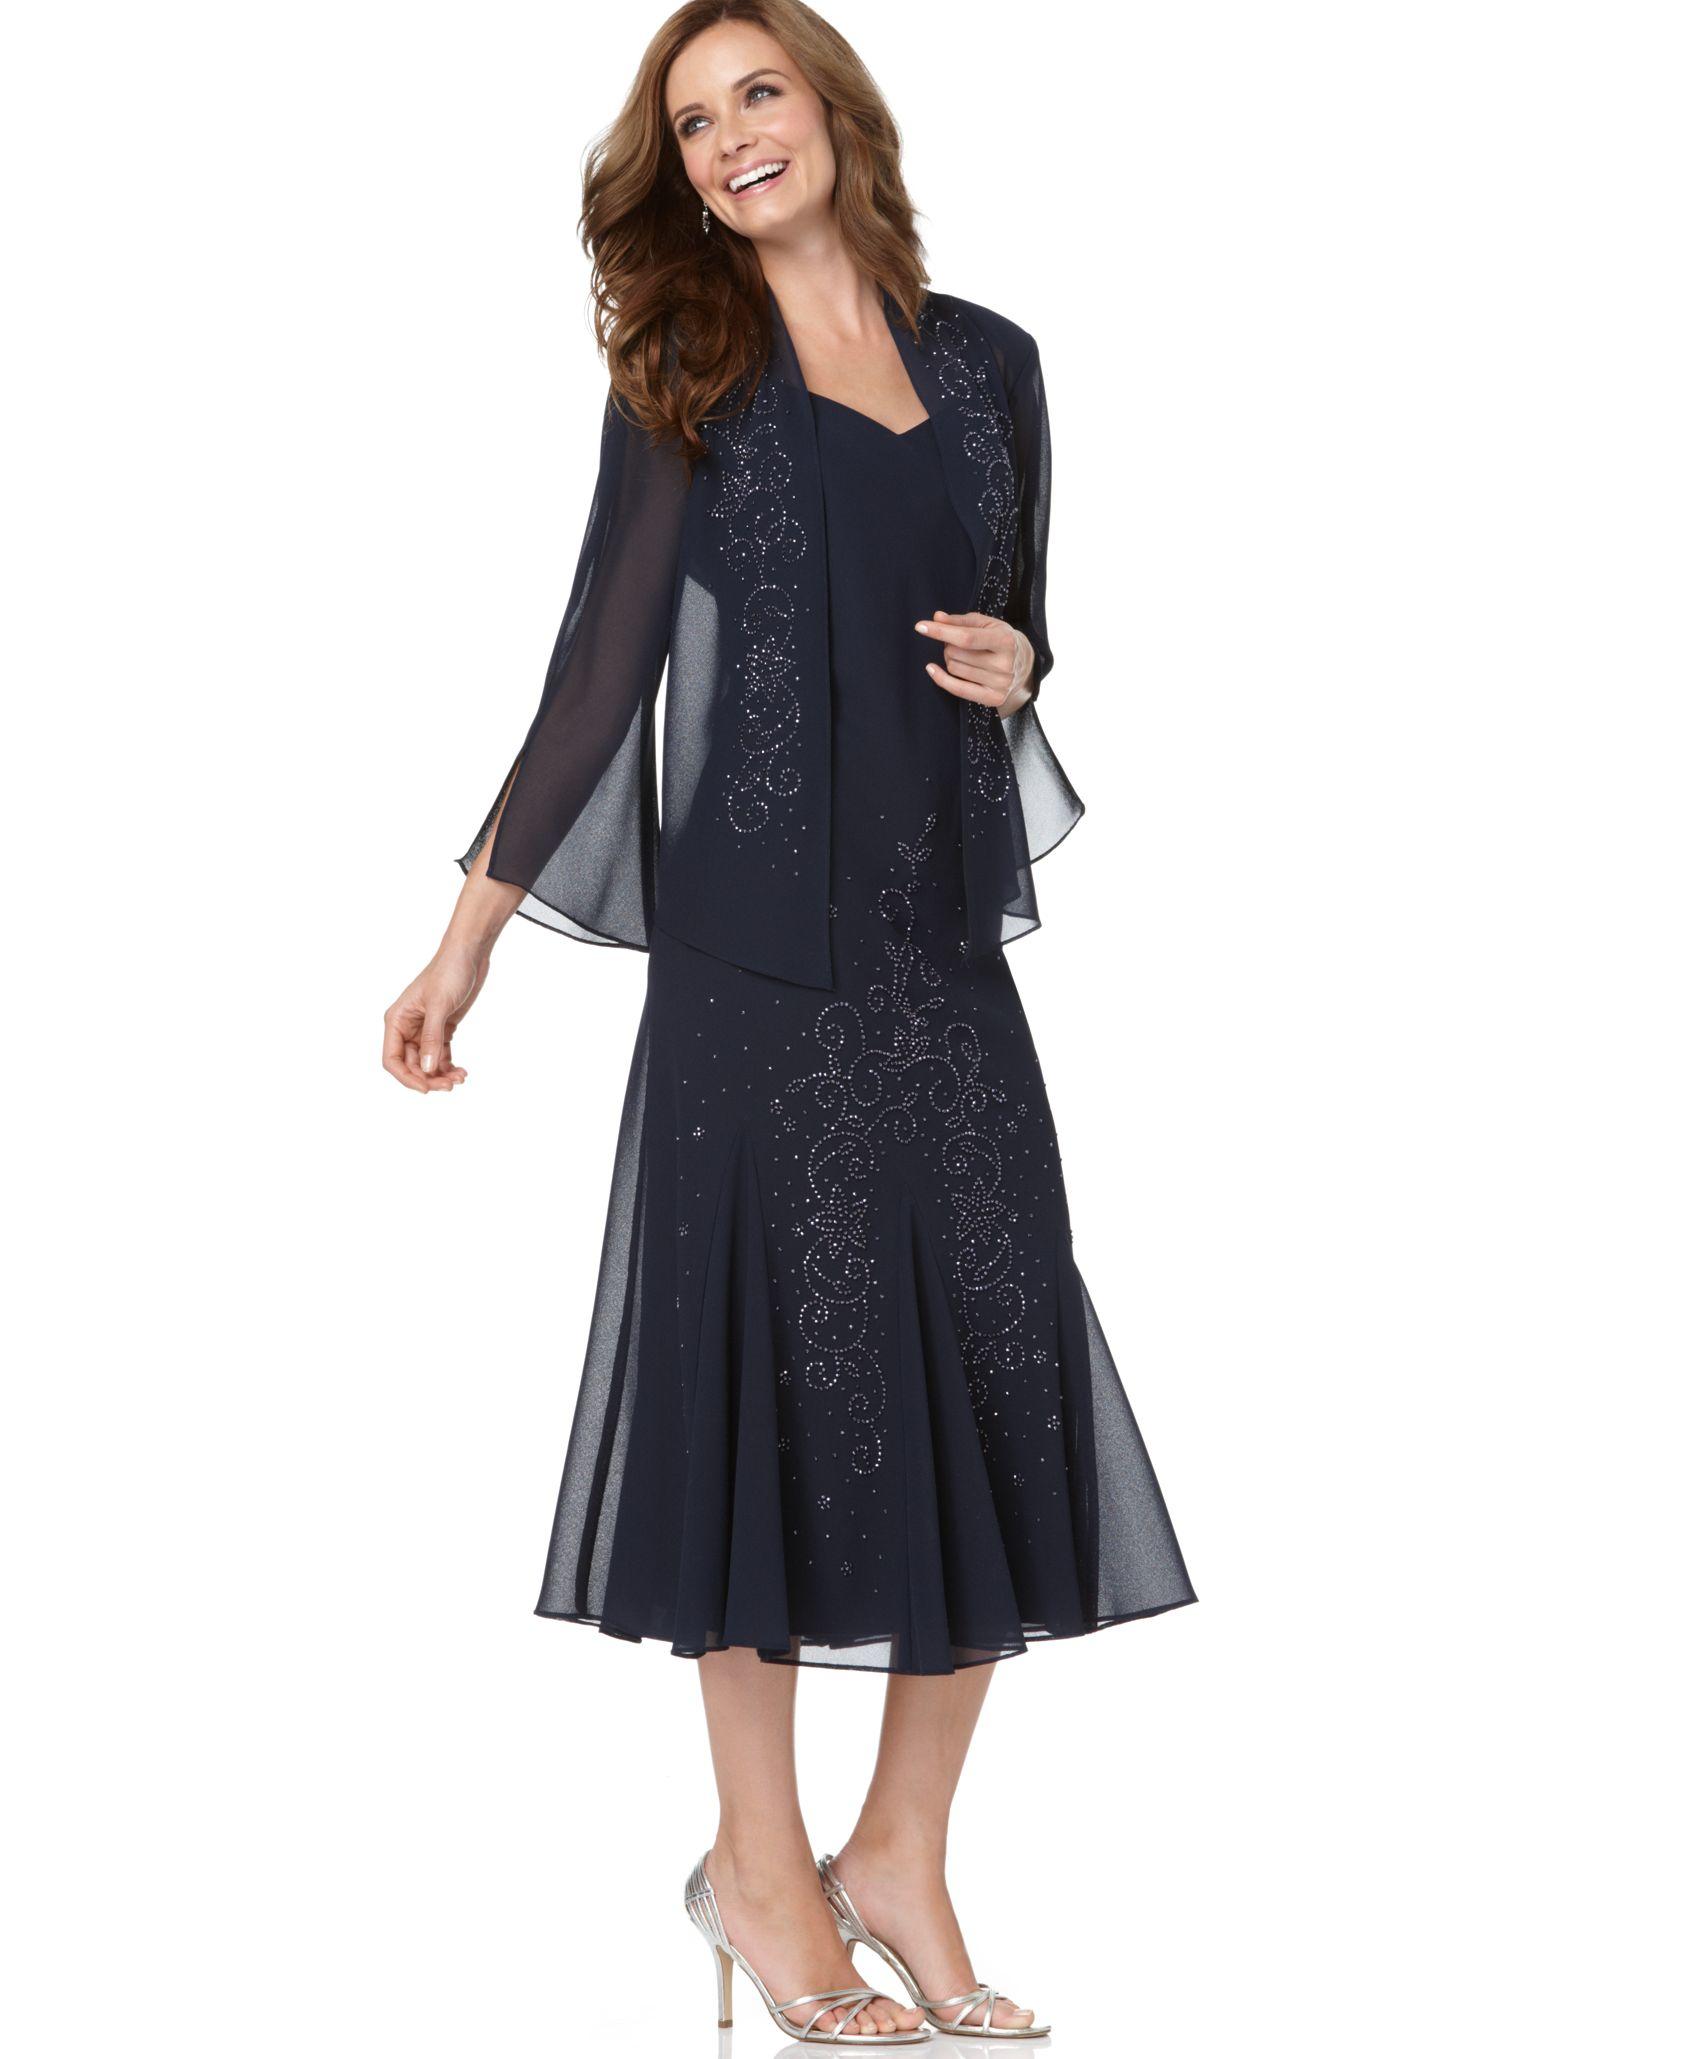 R m richards r m richards sleeveless beaded v neck dress for Macy s dresses for weddings